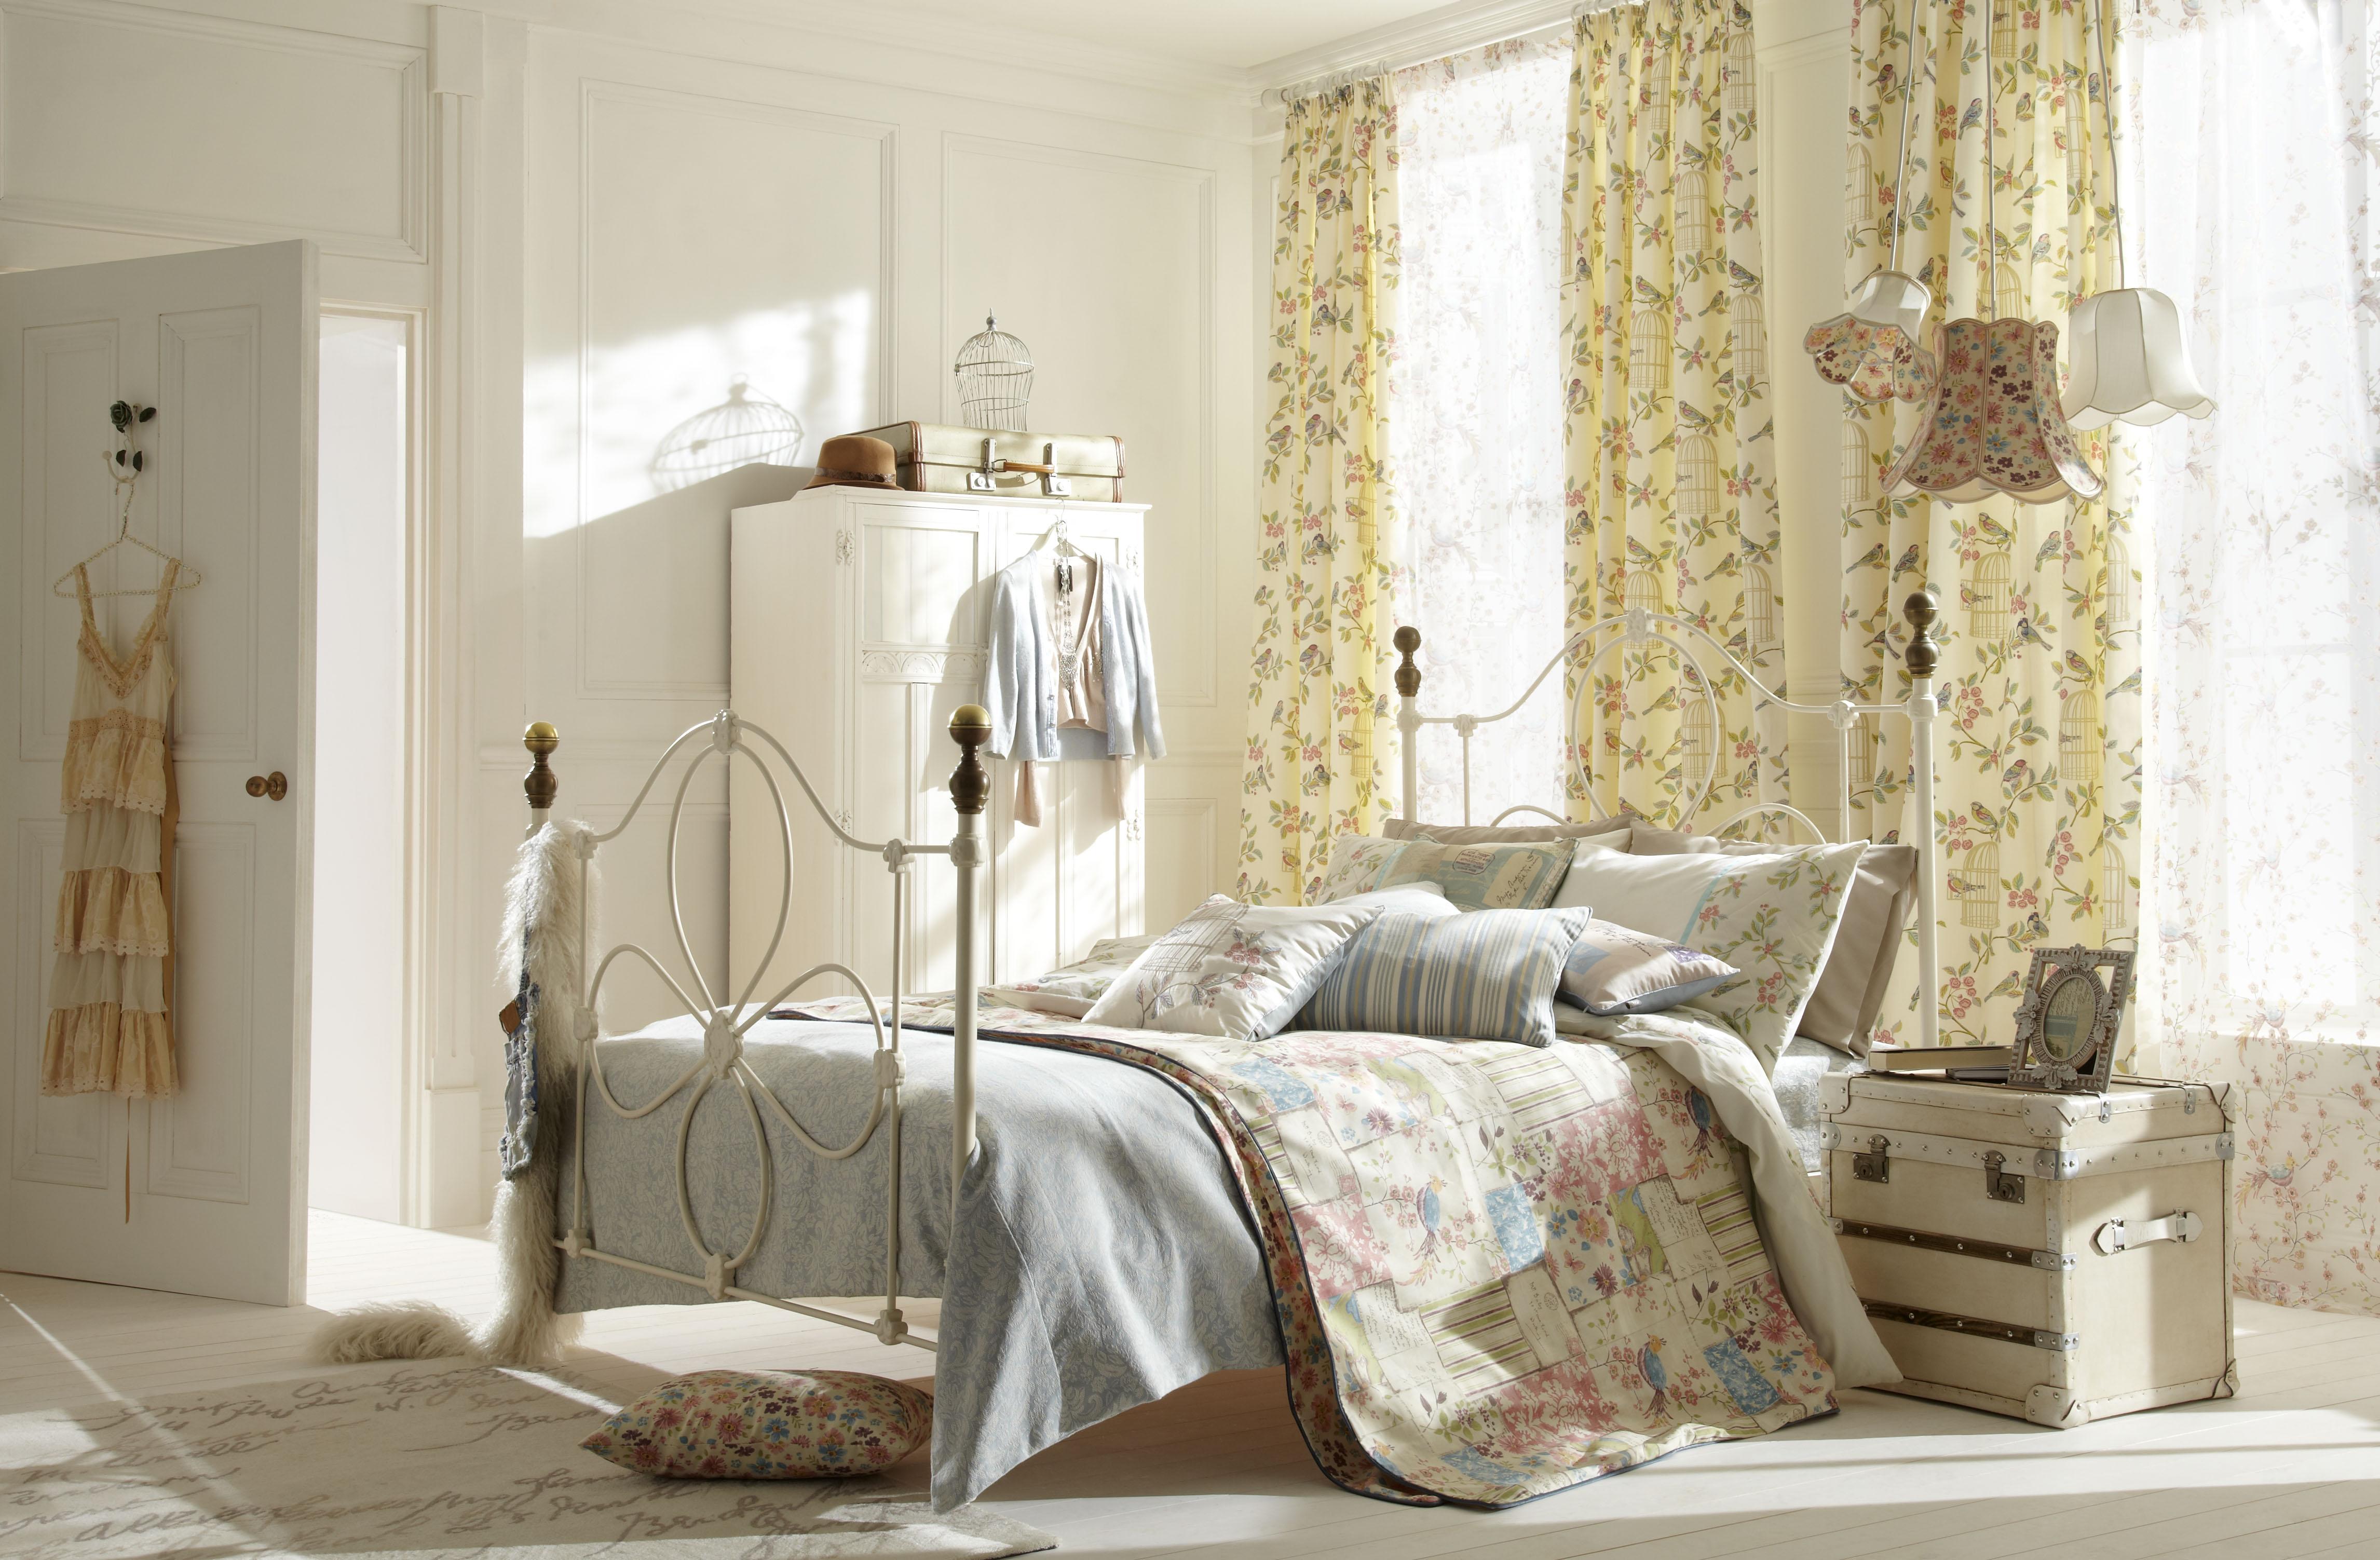 Гармоничный дизайн комнаты в стиле романтизм